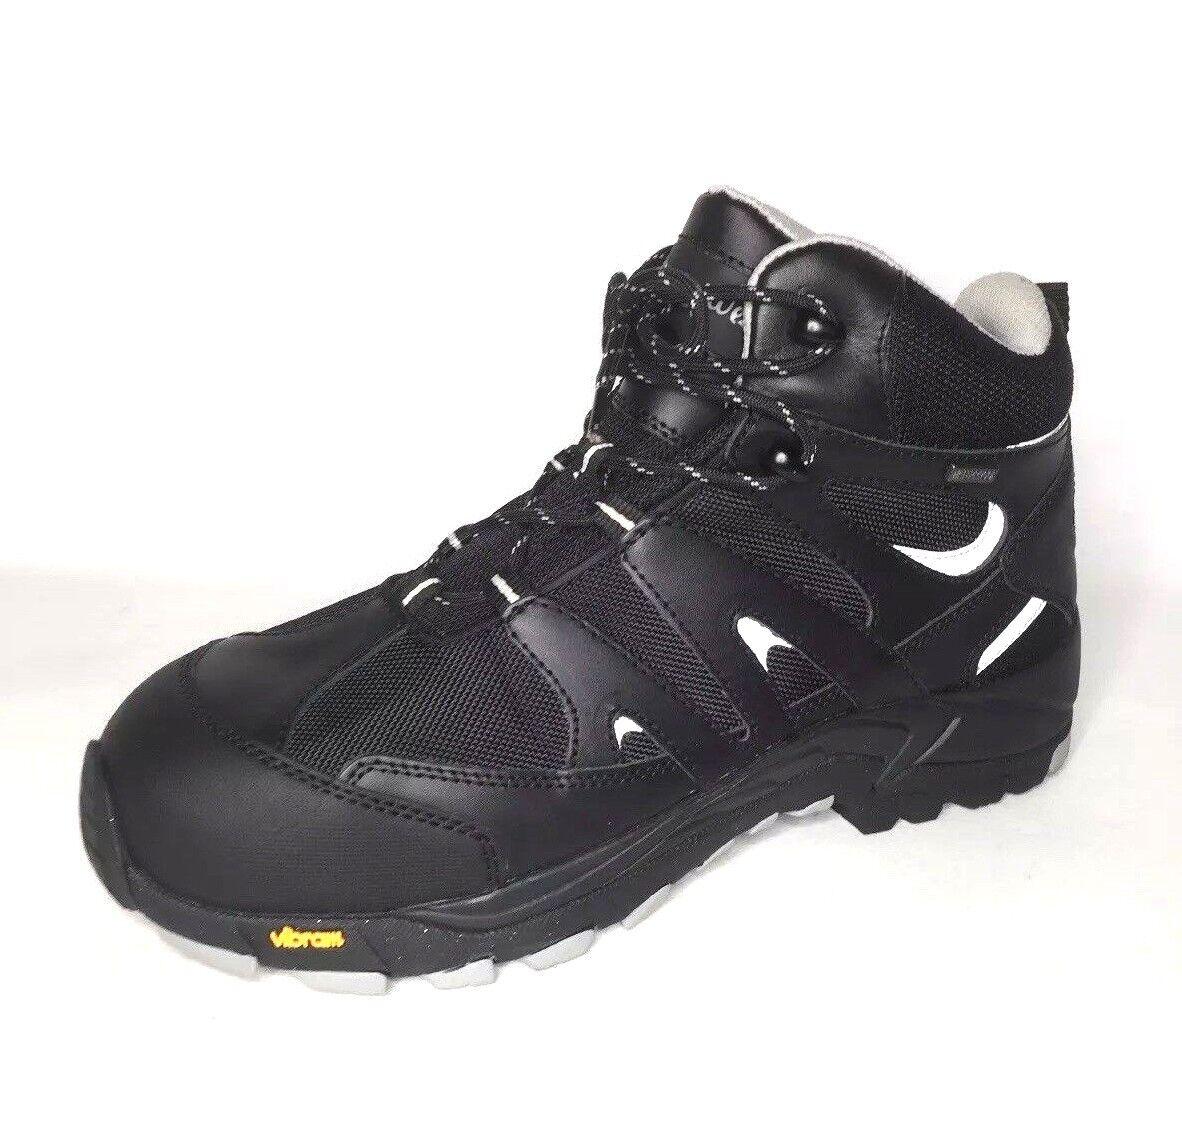 Refrigiwear para hombre botas para excursionismo aislada de trabajo 10 vitacomfort Zapatos de Suela Vibram